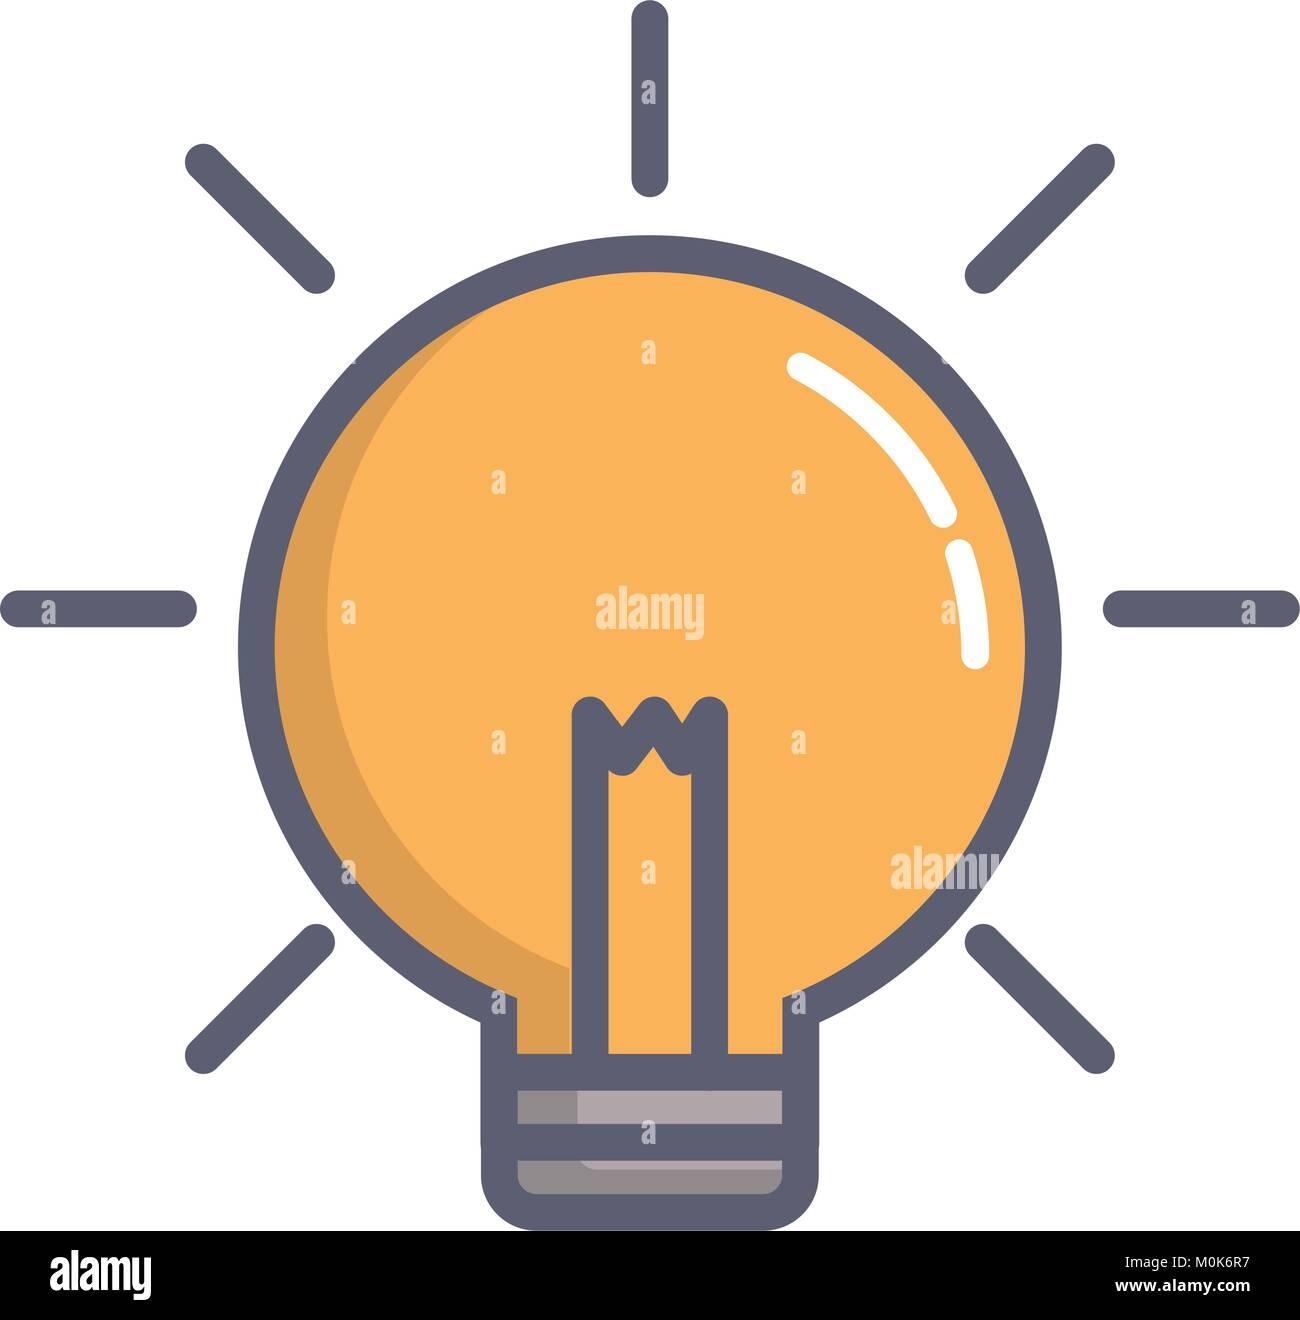 Fantastisch Elektrisches Symbol Für Lampe Galerie - Die Besten ...